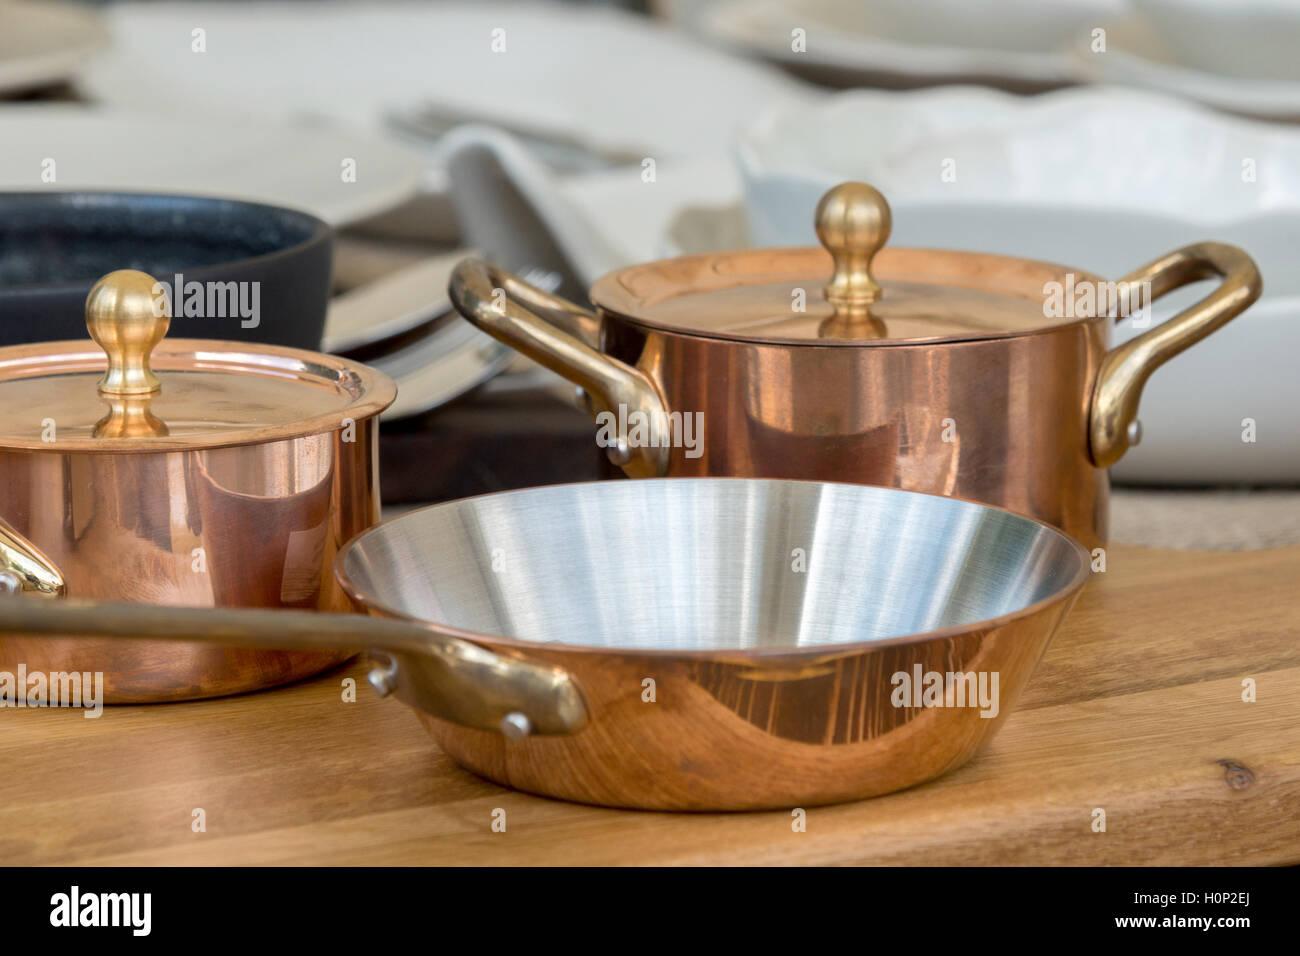 La nouvelle batterie de cuisine en cuivre - les ustensiles de cuisine Photo Stock